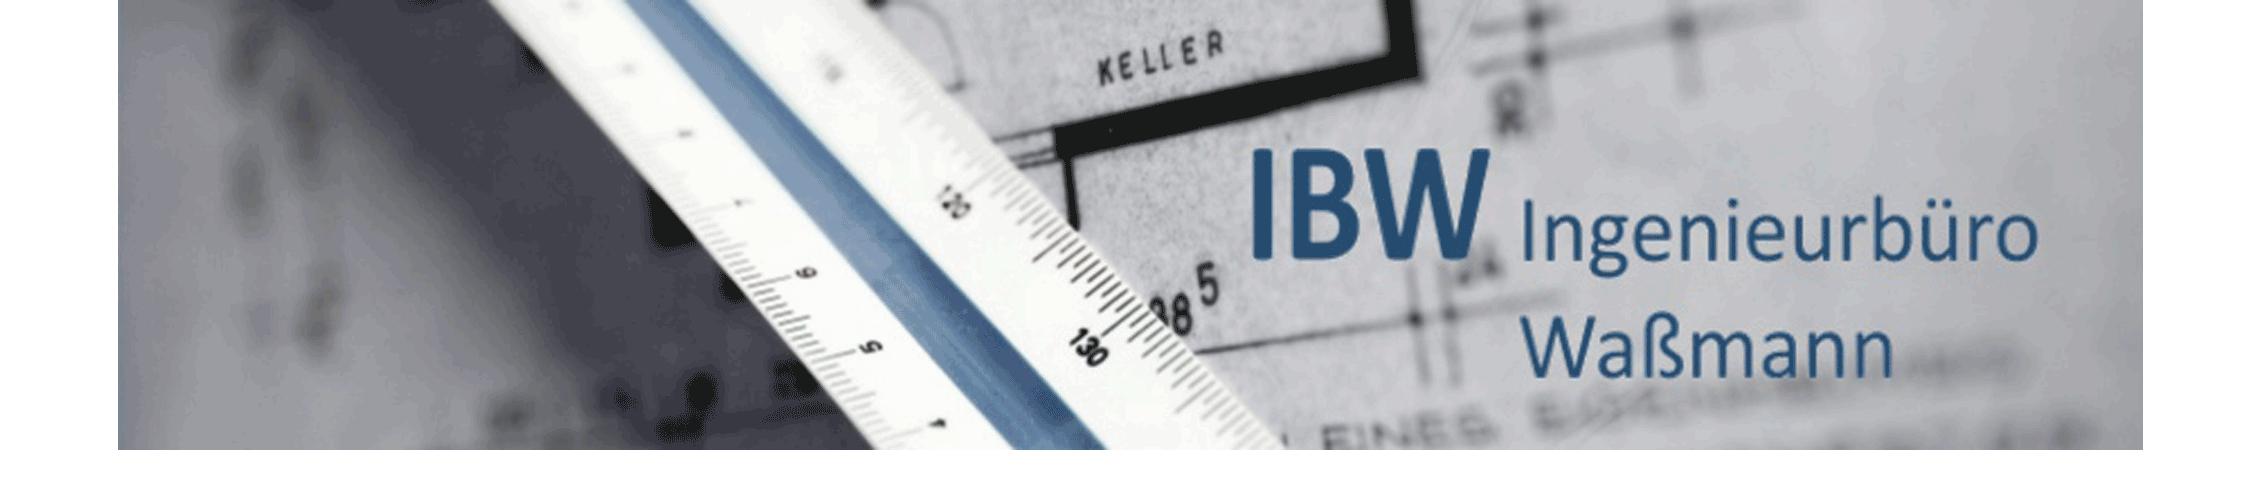 logo IBW Ingenieurbüro Waßmann